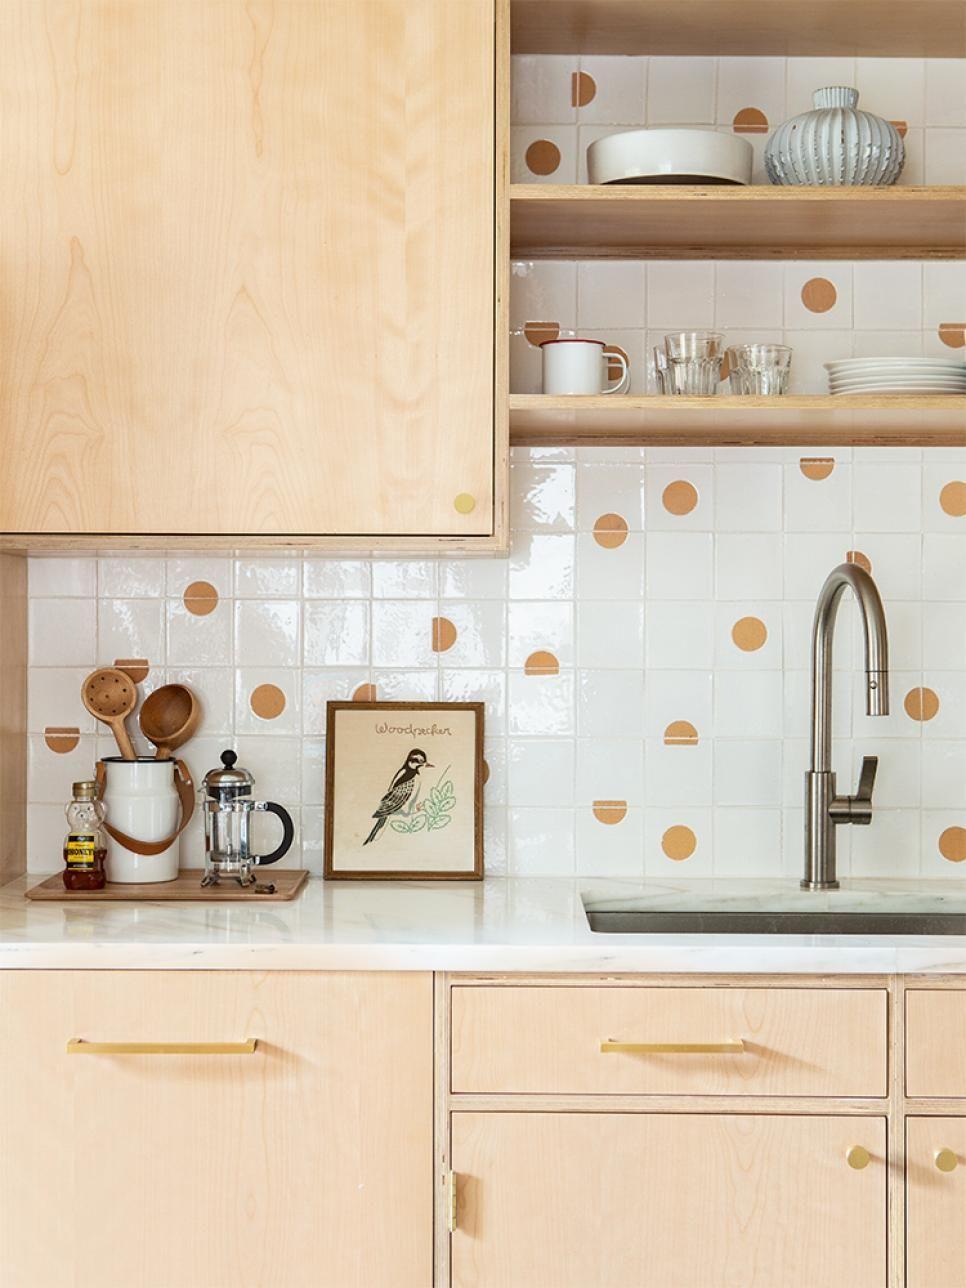 Small Kitchen Design Kitchen Design Photo Galleries Open Kitchen Design Kitchen Design Tiles In 2020 Fancy Kitchen Decor Kitchen Decor Collections Kitchen Interior